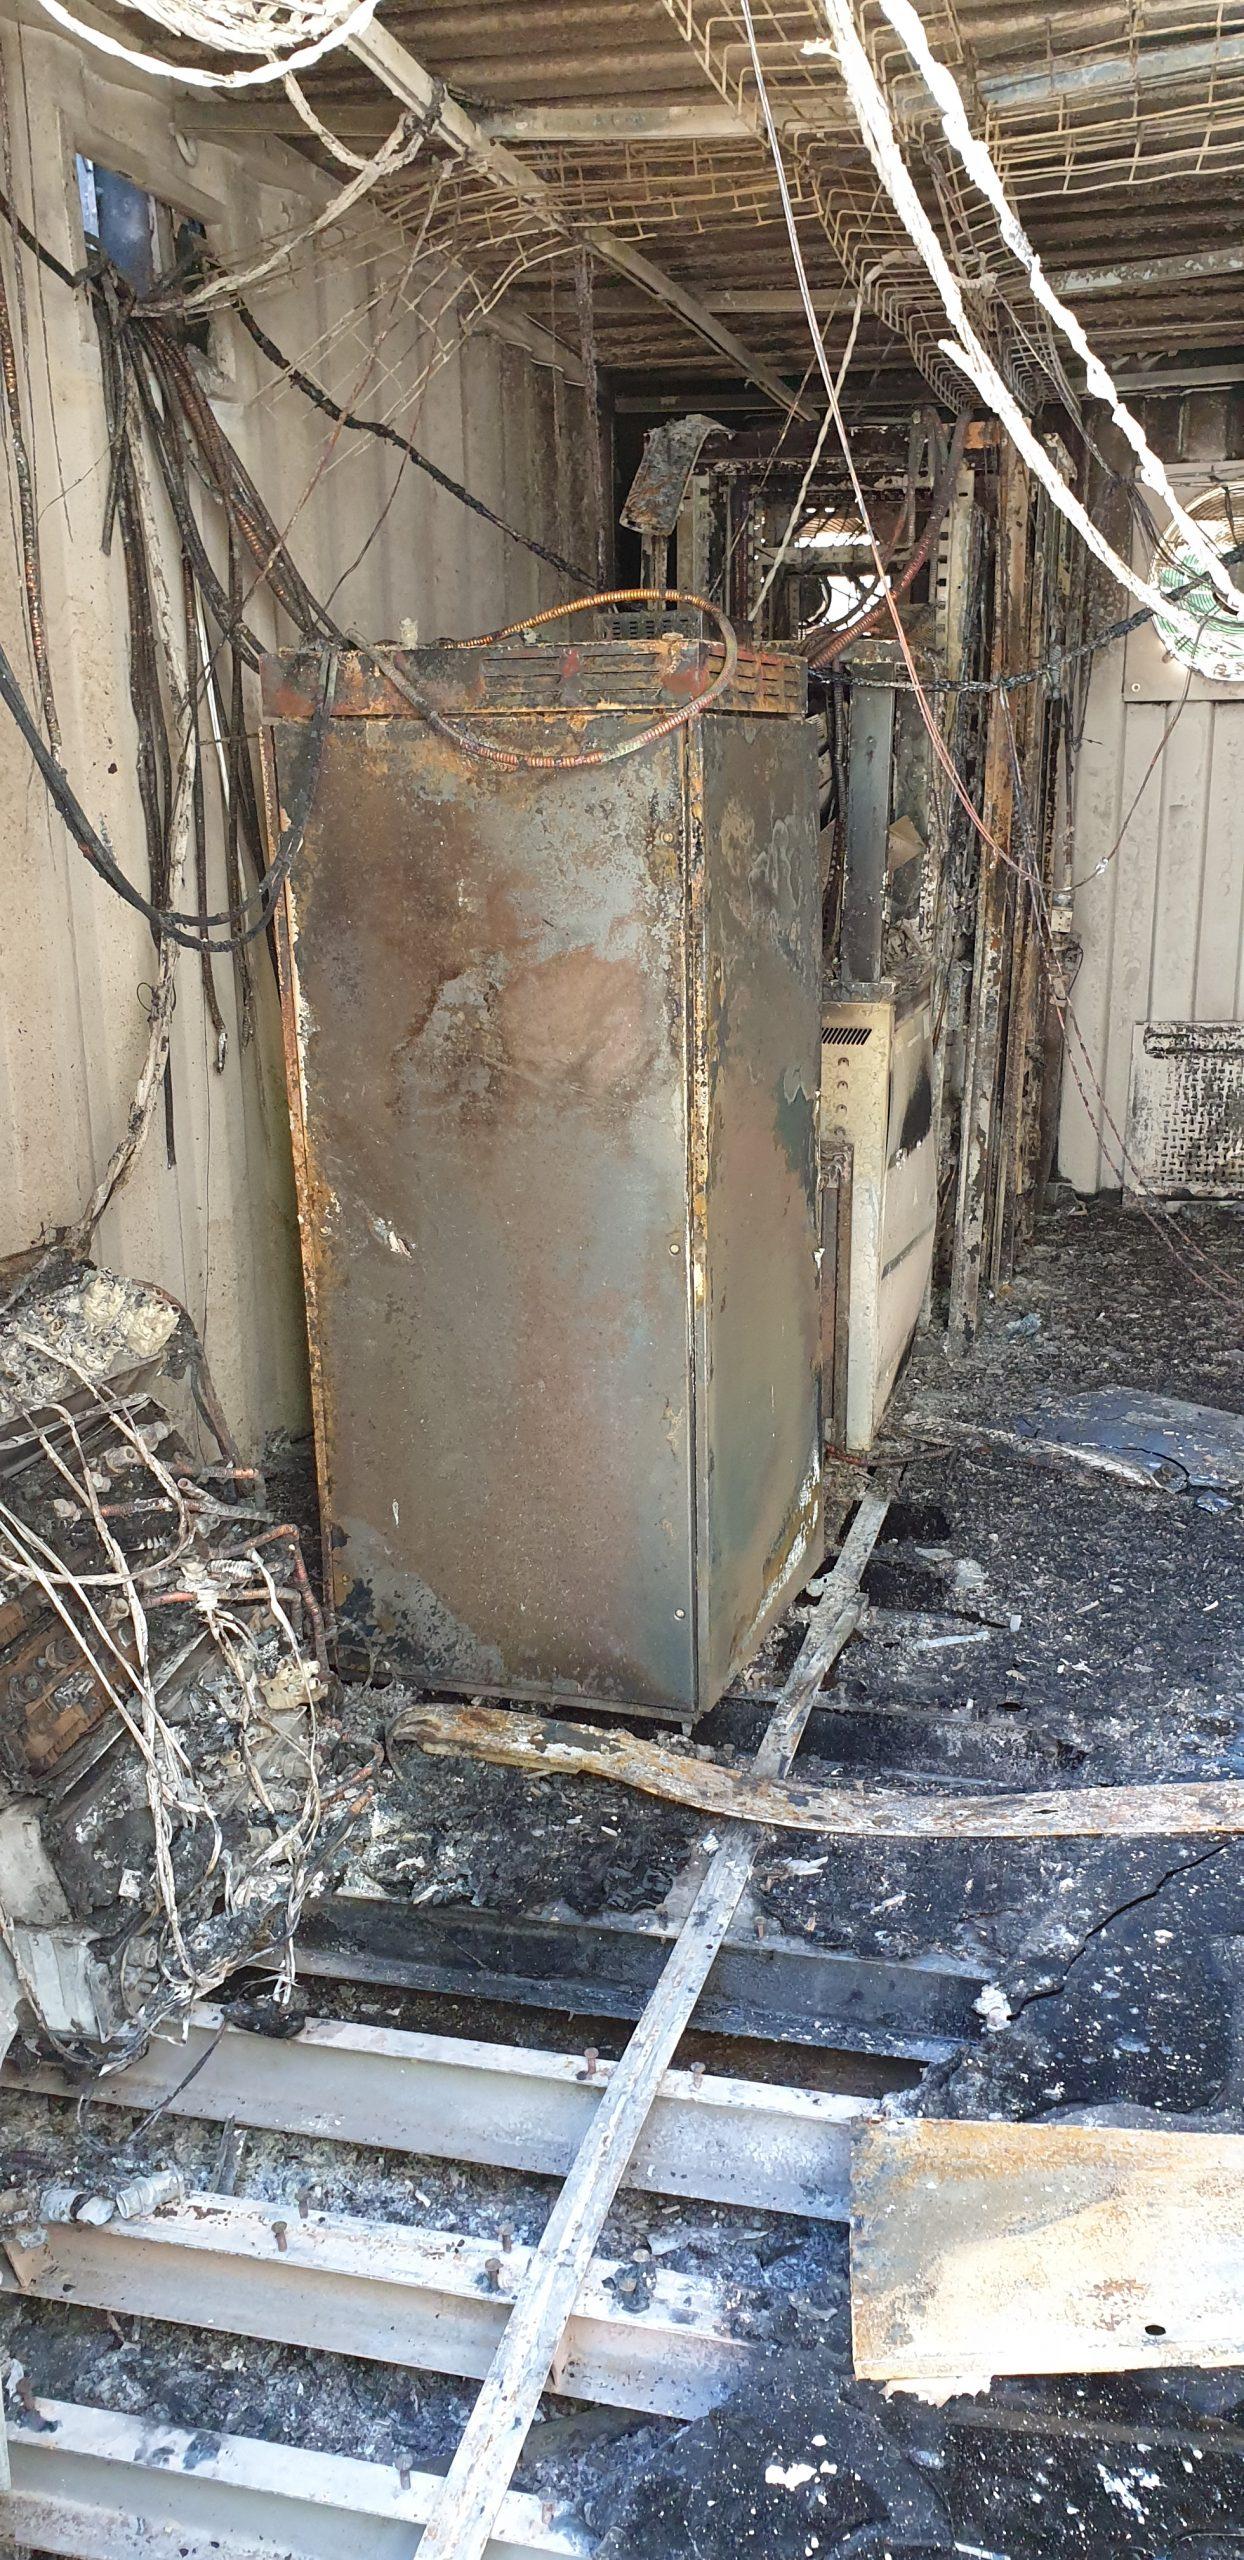 Incendie - vandalisme - maintenance